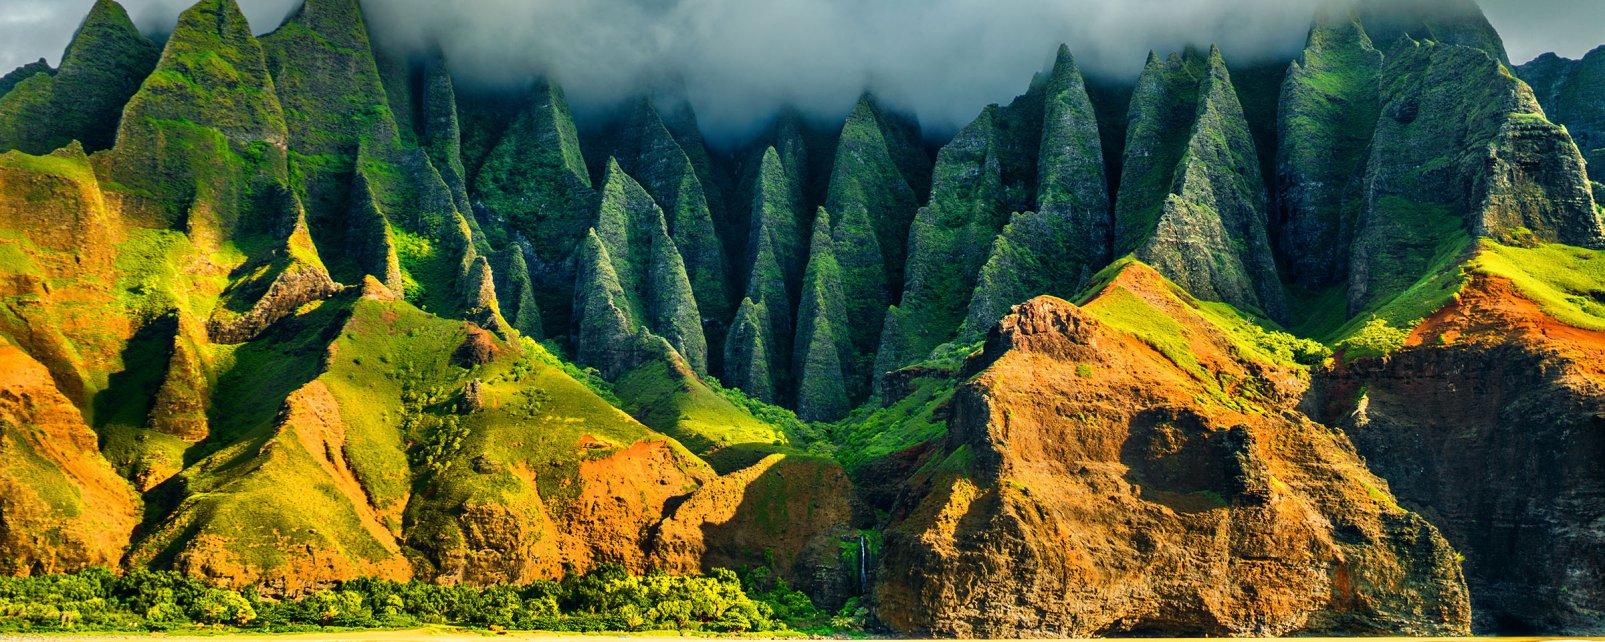 Amérique; Amérique du Nord; Etats-Unis; USA; Hawaï; Hawai; Kauai-Princeville;